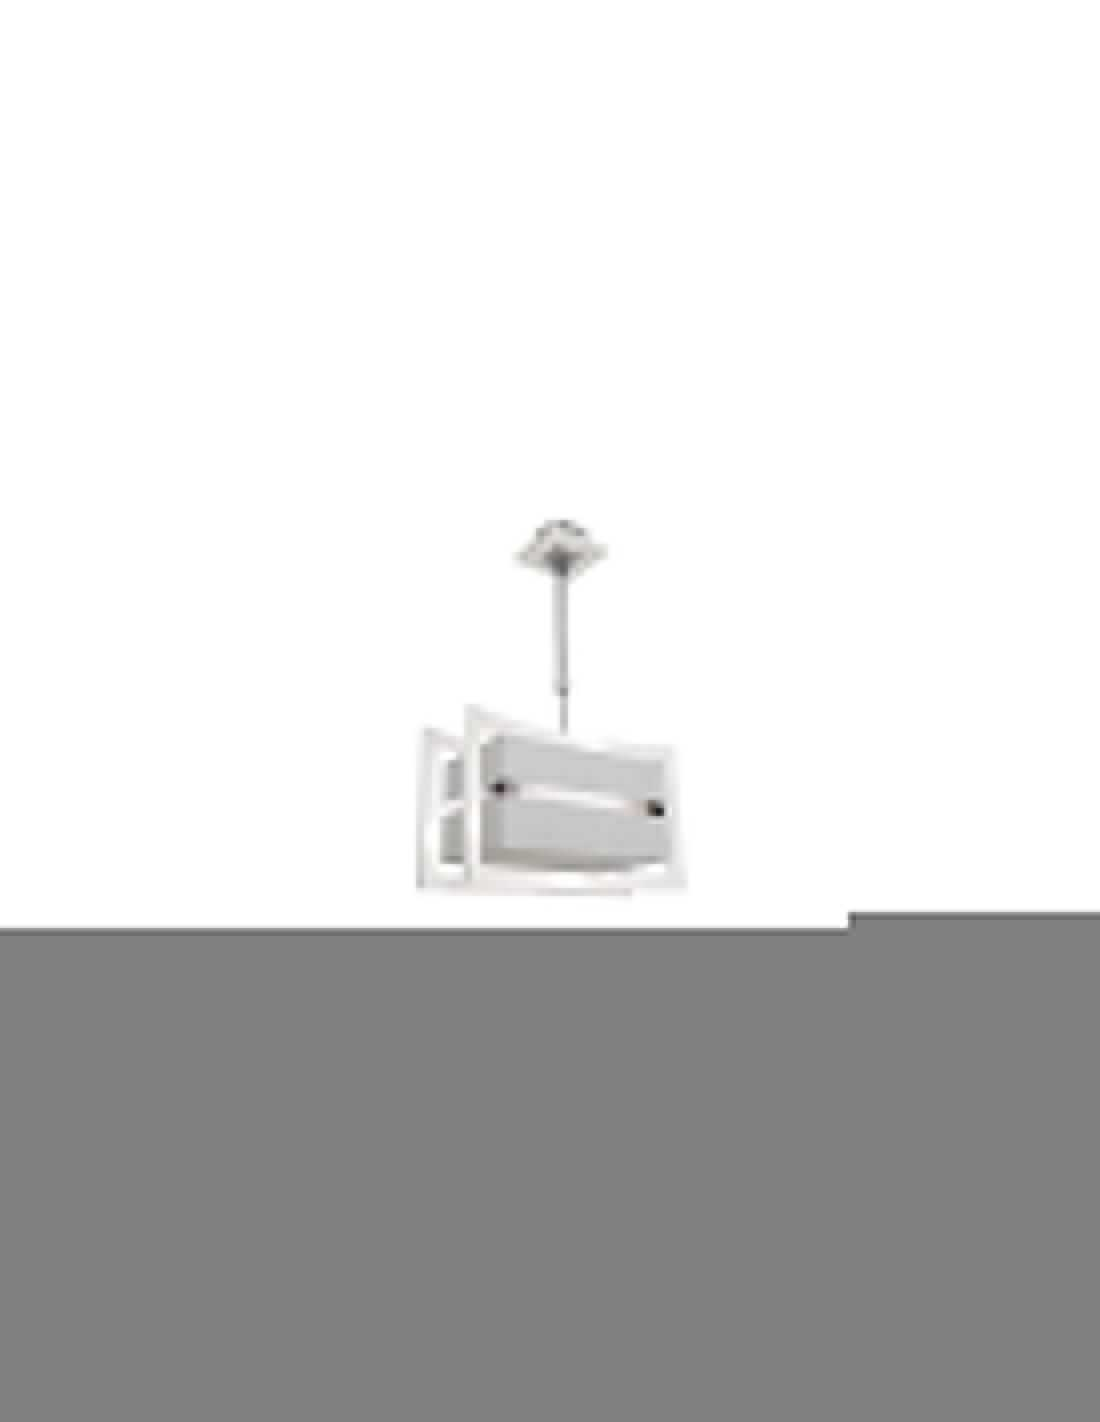 Acheter icaro 05 9190 34 37 leds c4 applique ext rieur for Prise ip44 exterieur